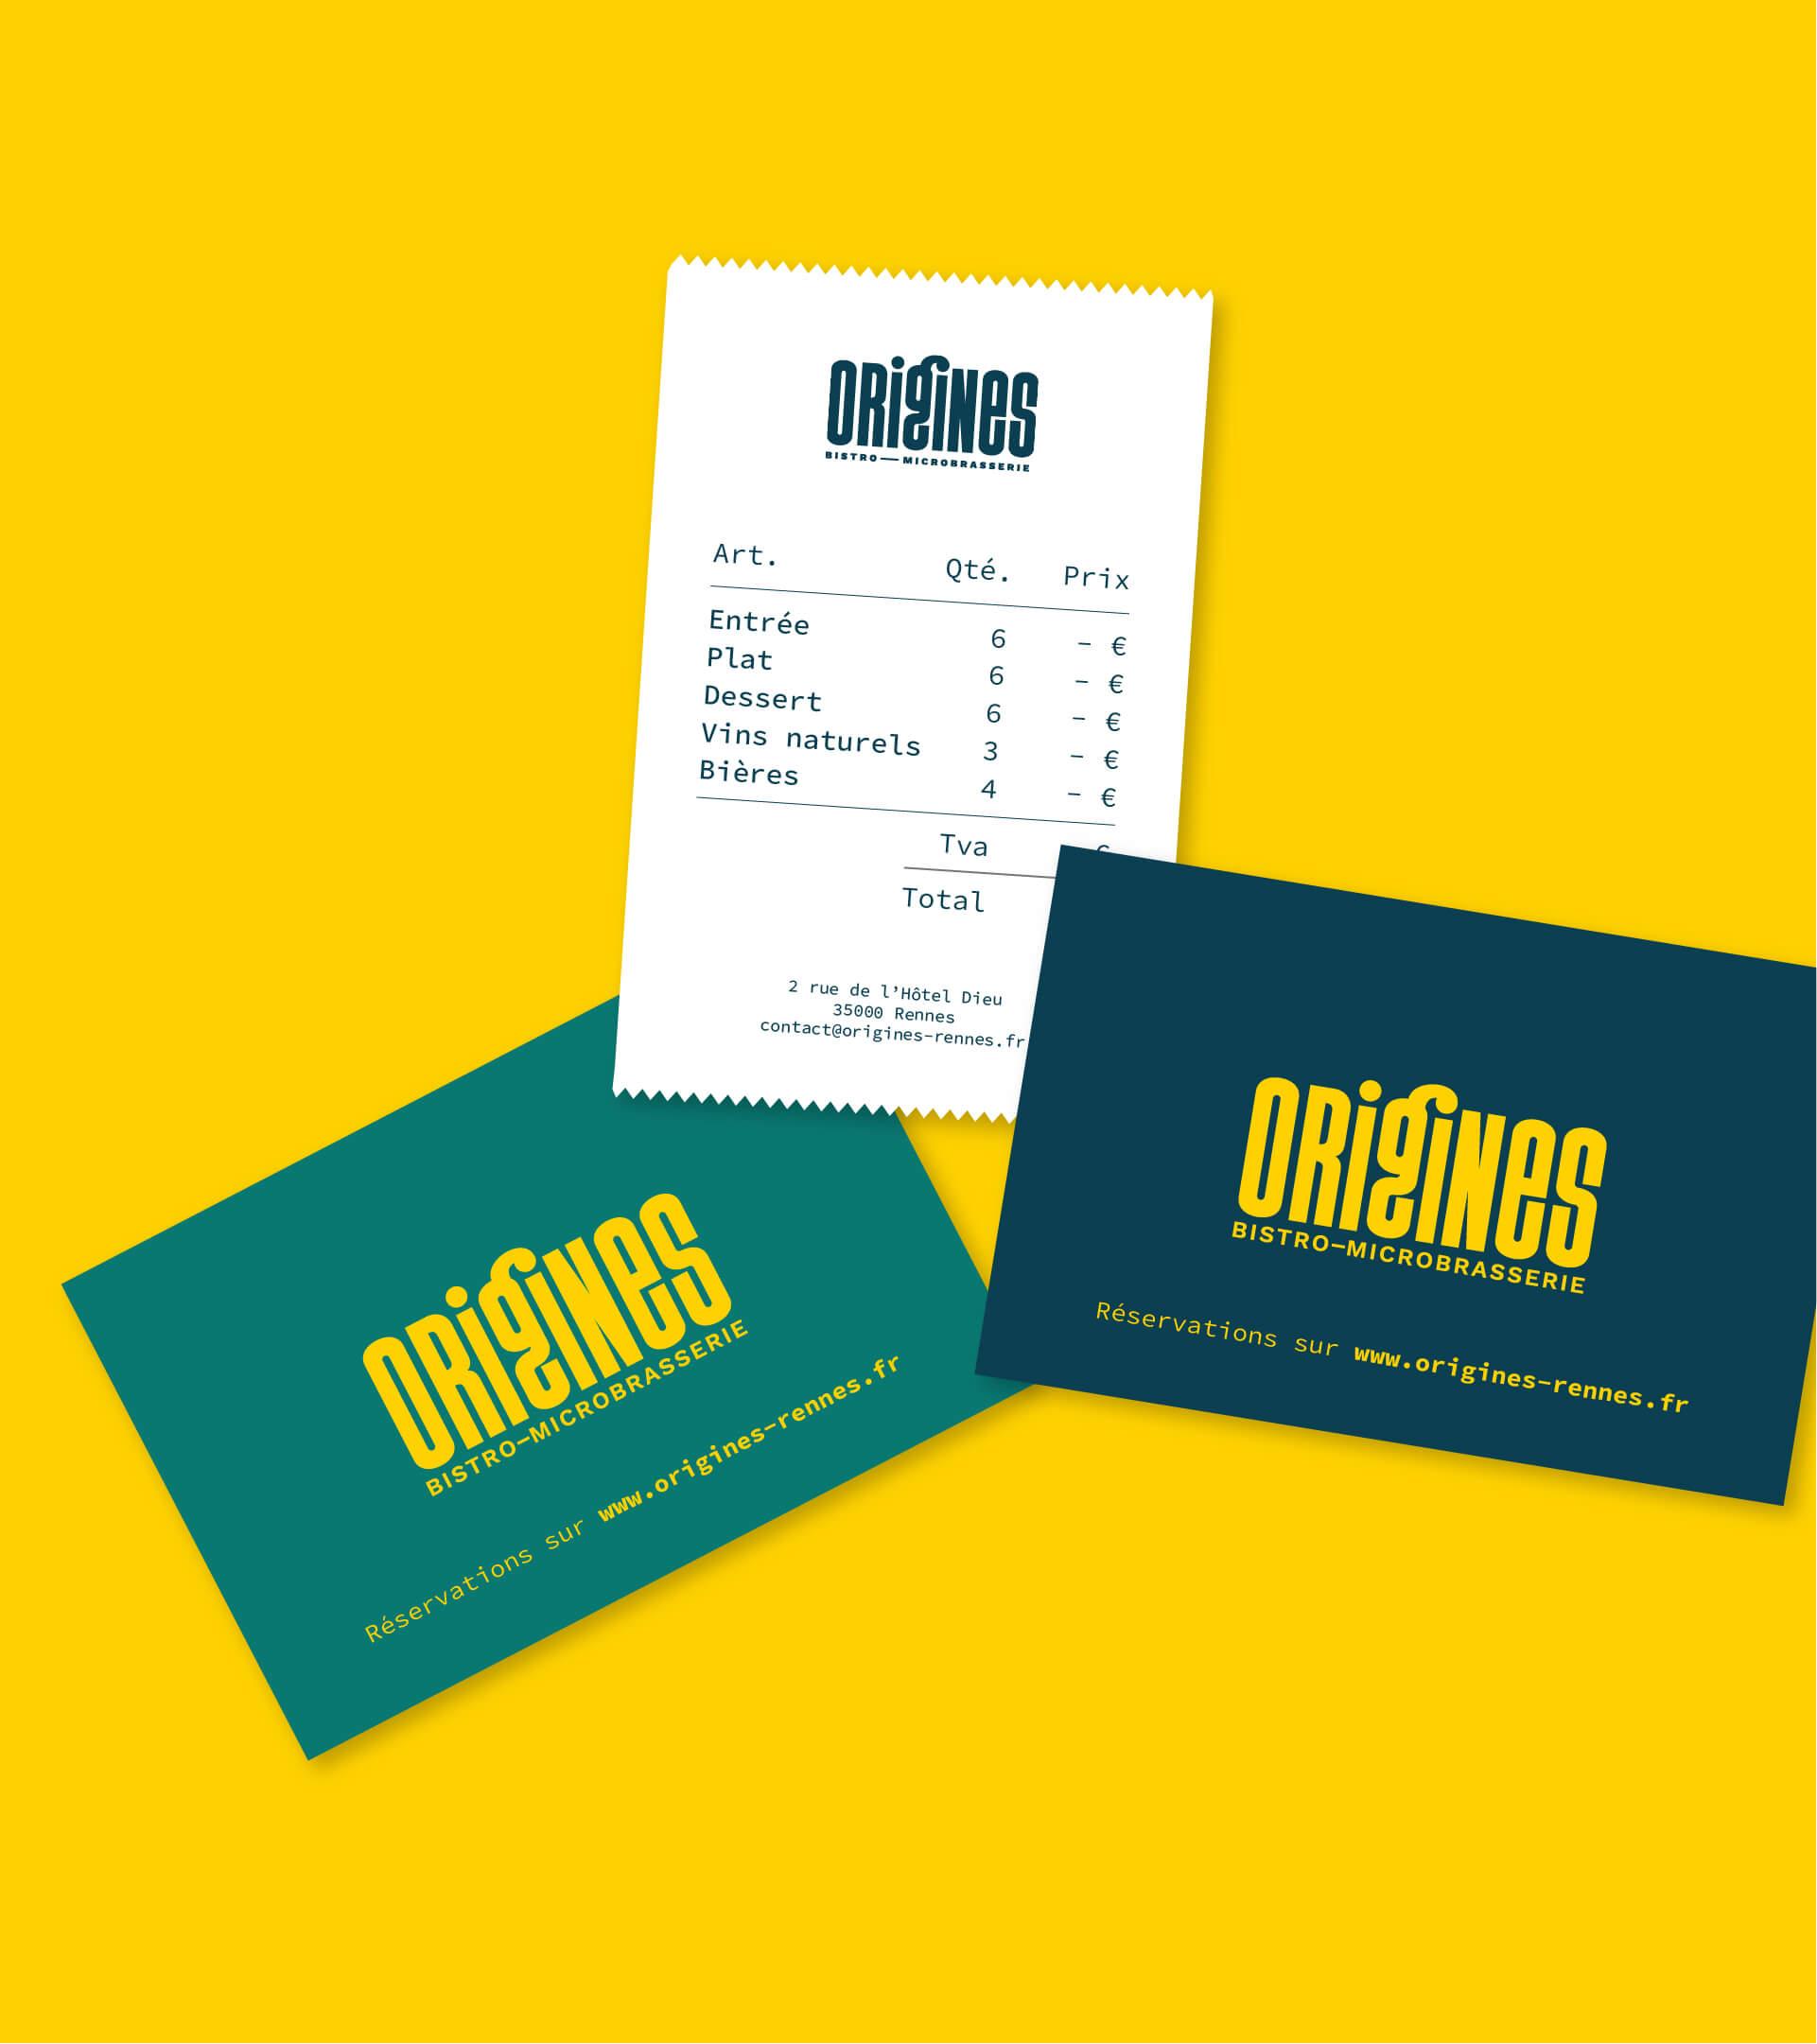 Ticket de caisse et cartes de visite pour Origines Bistro-Microbrasserie